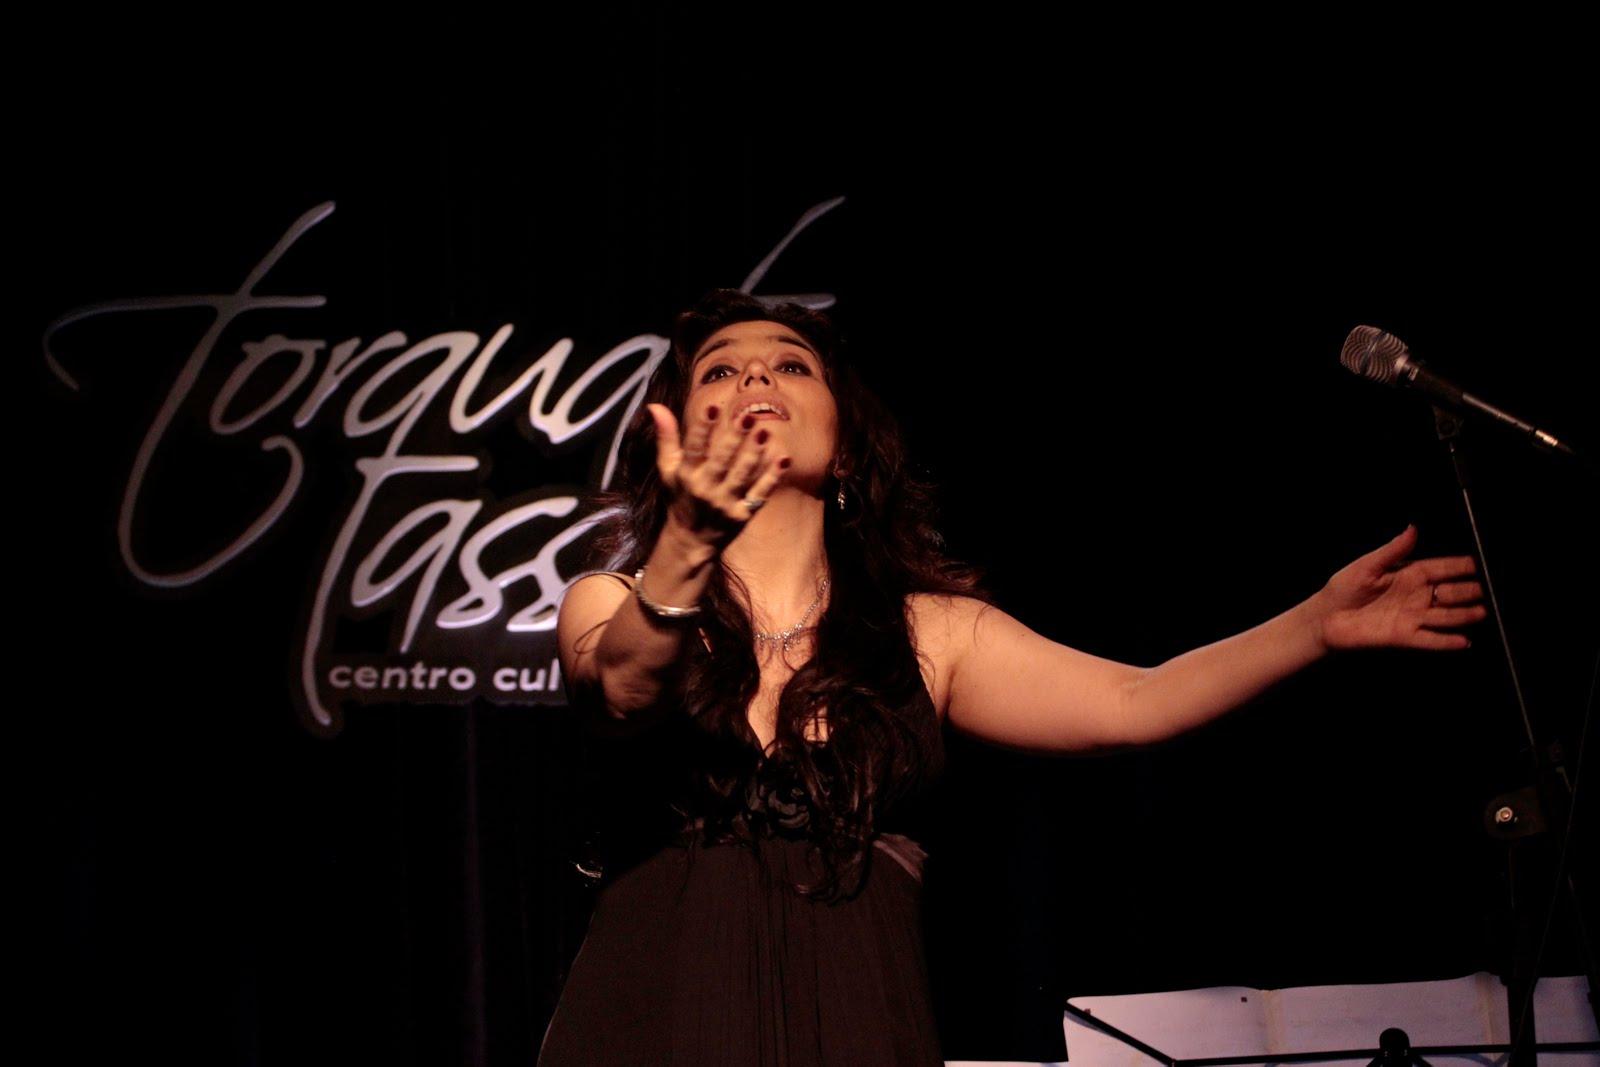 escutar tango em Buenos Aires Centro Cultural Torquato Tasso